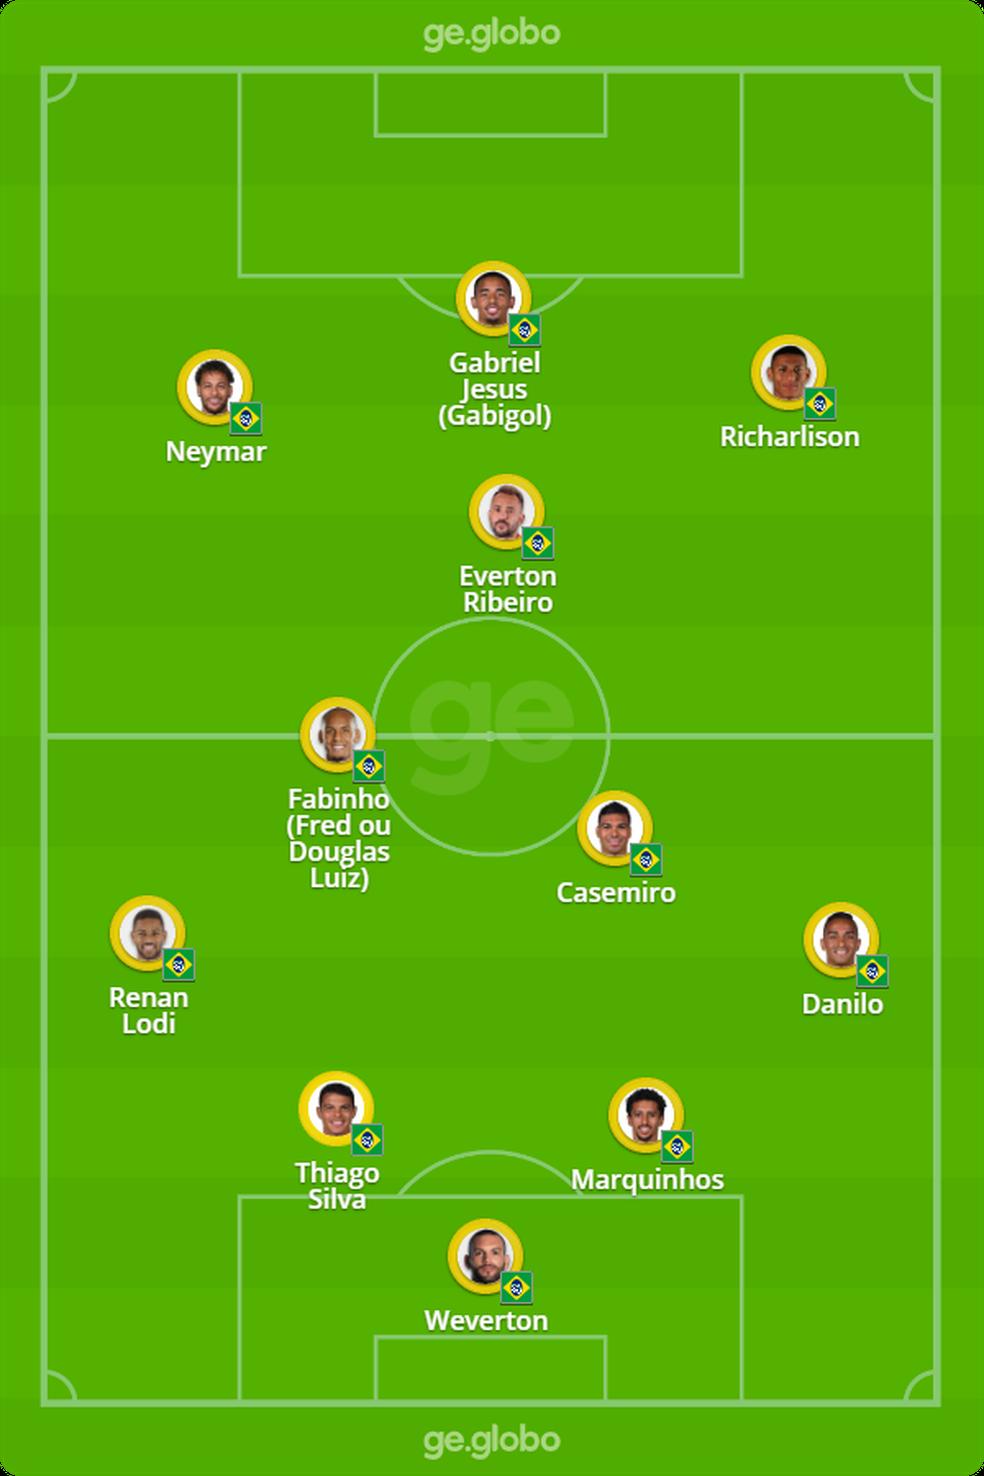 Possível escalação da seleção brasileira contra a Colômbia — Foto: ge